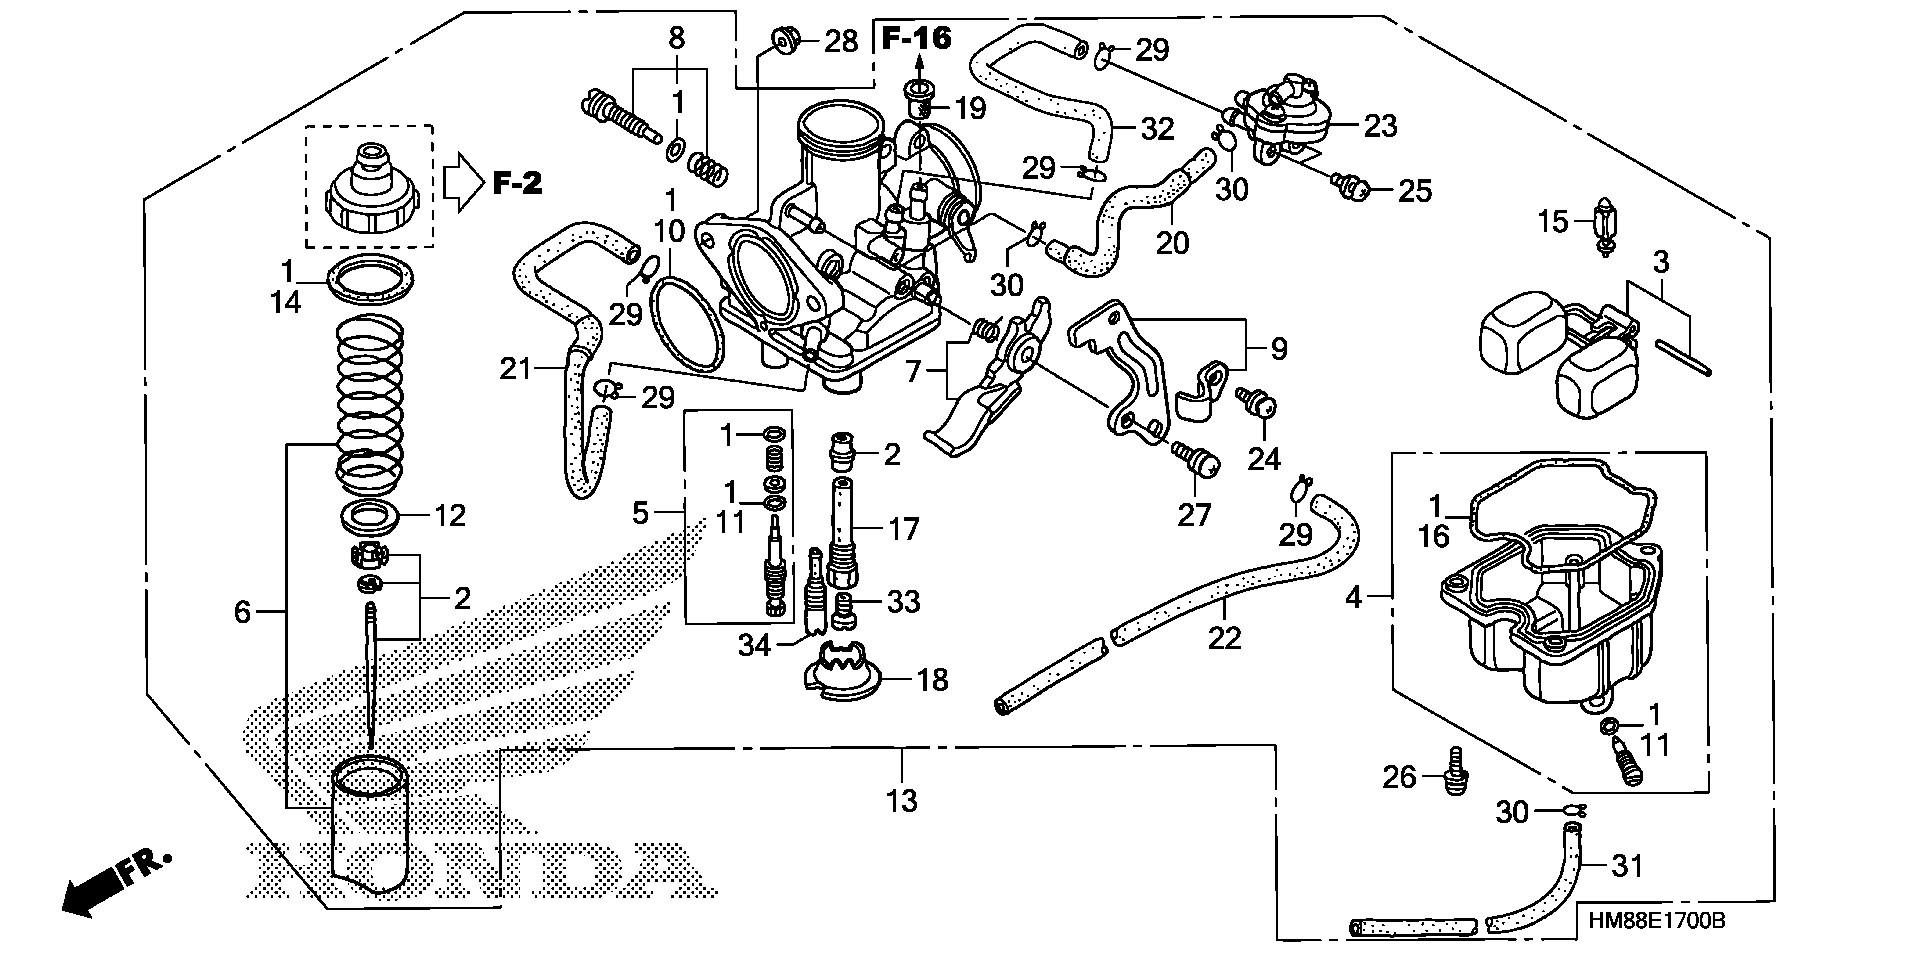 diagram of honda atv parts 2006 trx250ex a carburetor diagram